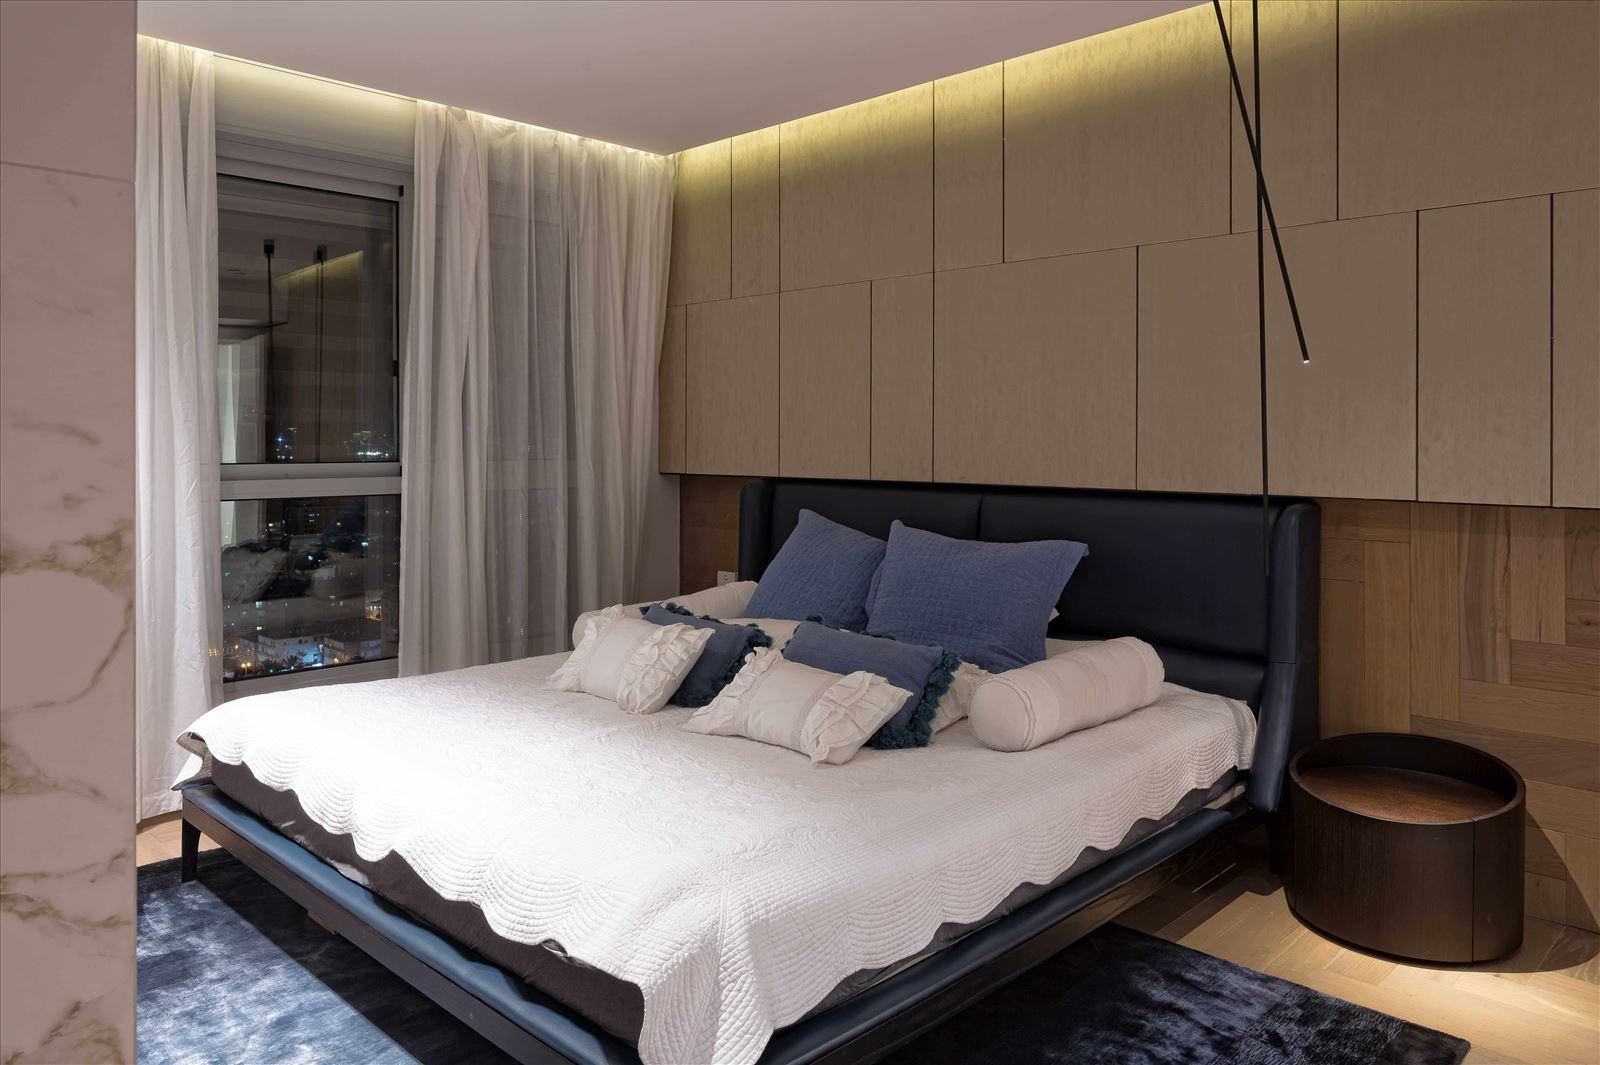 תאורת חדר שינה - פרויקט תאורה בבית פרטי על ידי דורי קמחי